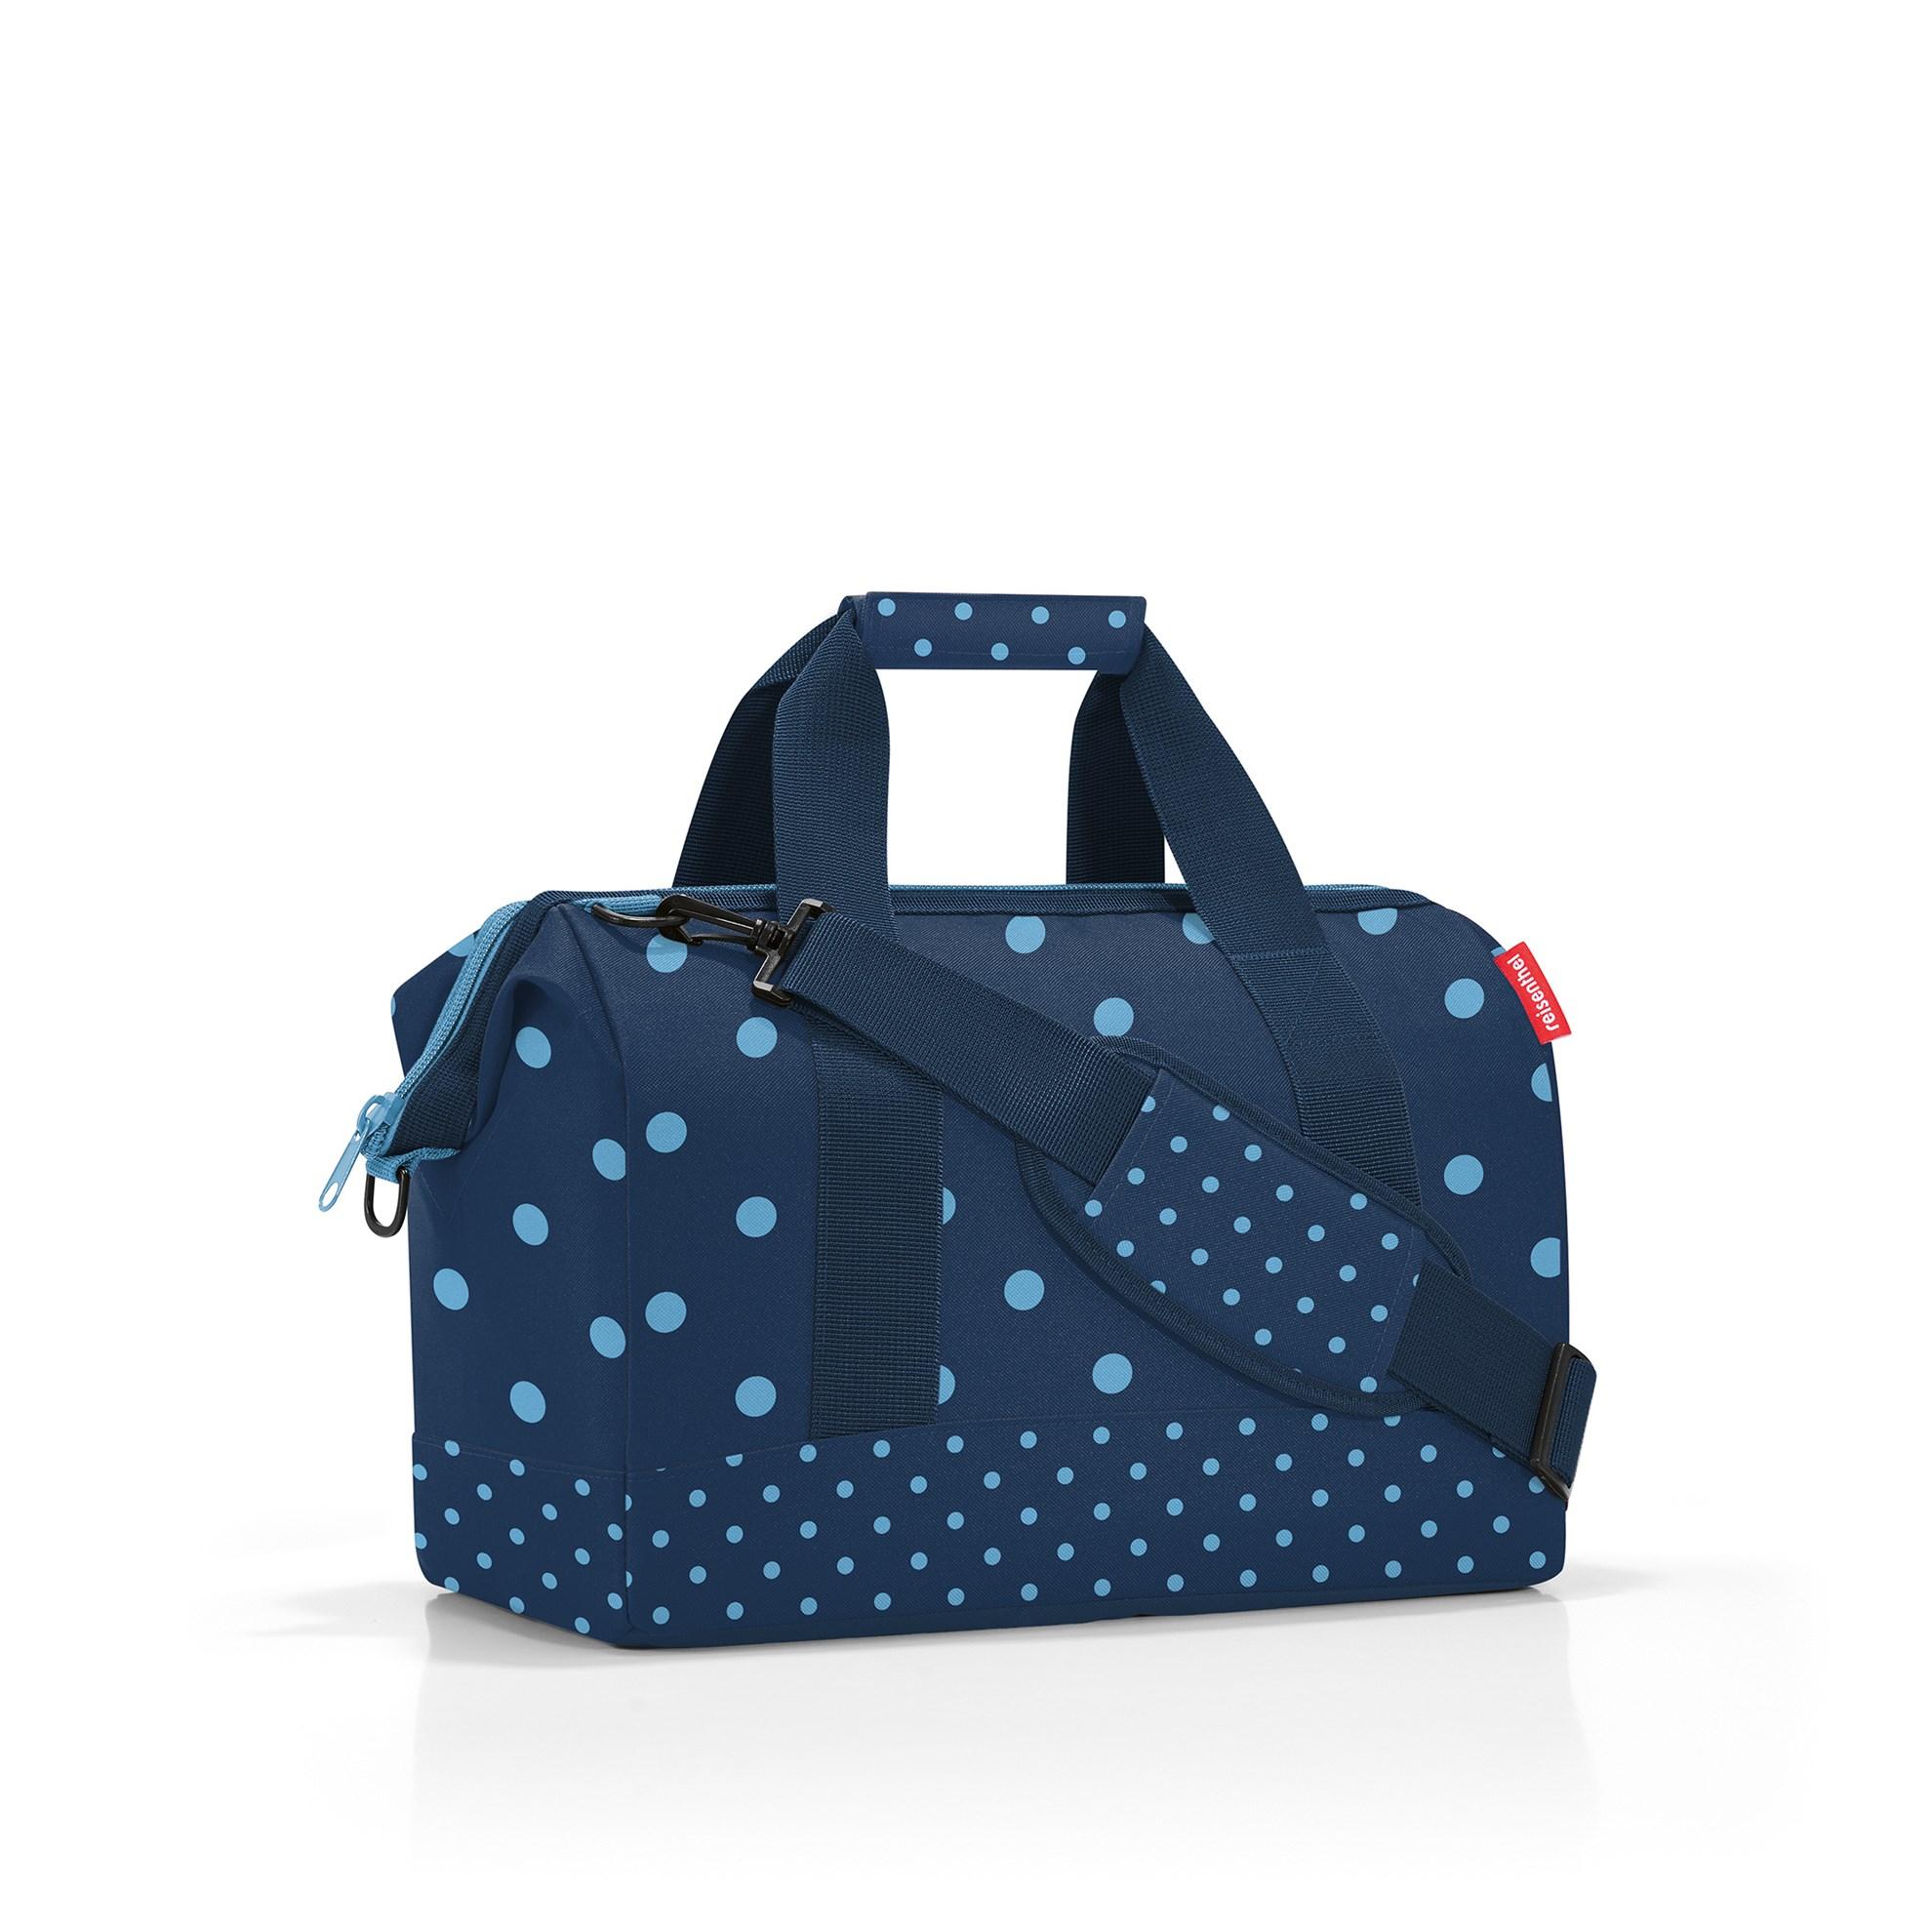 Cestovní taška Allrounder M mixed dots blue_1